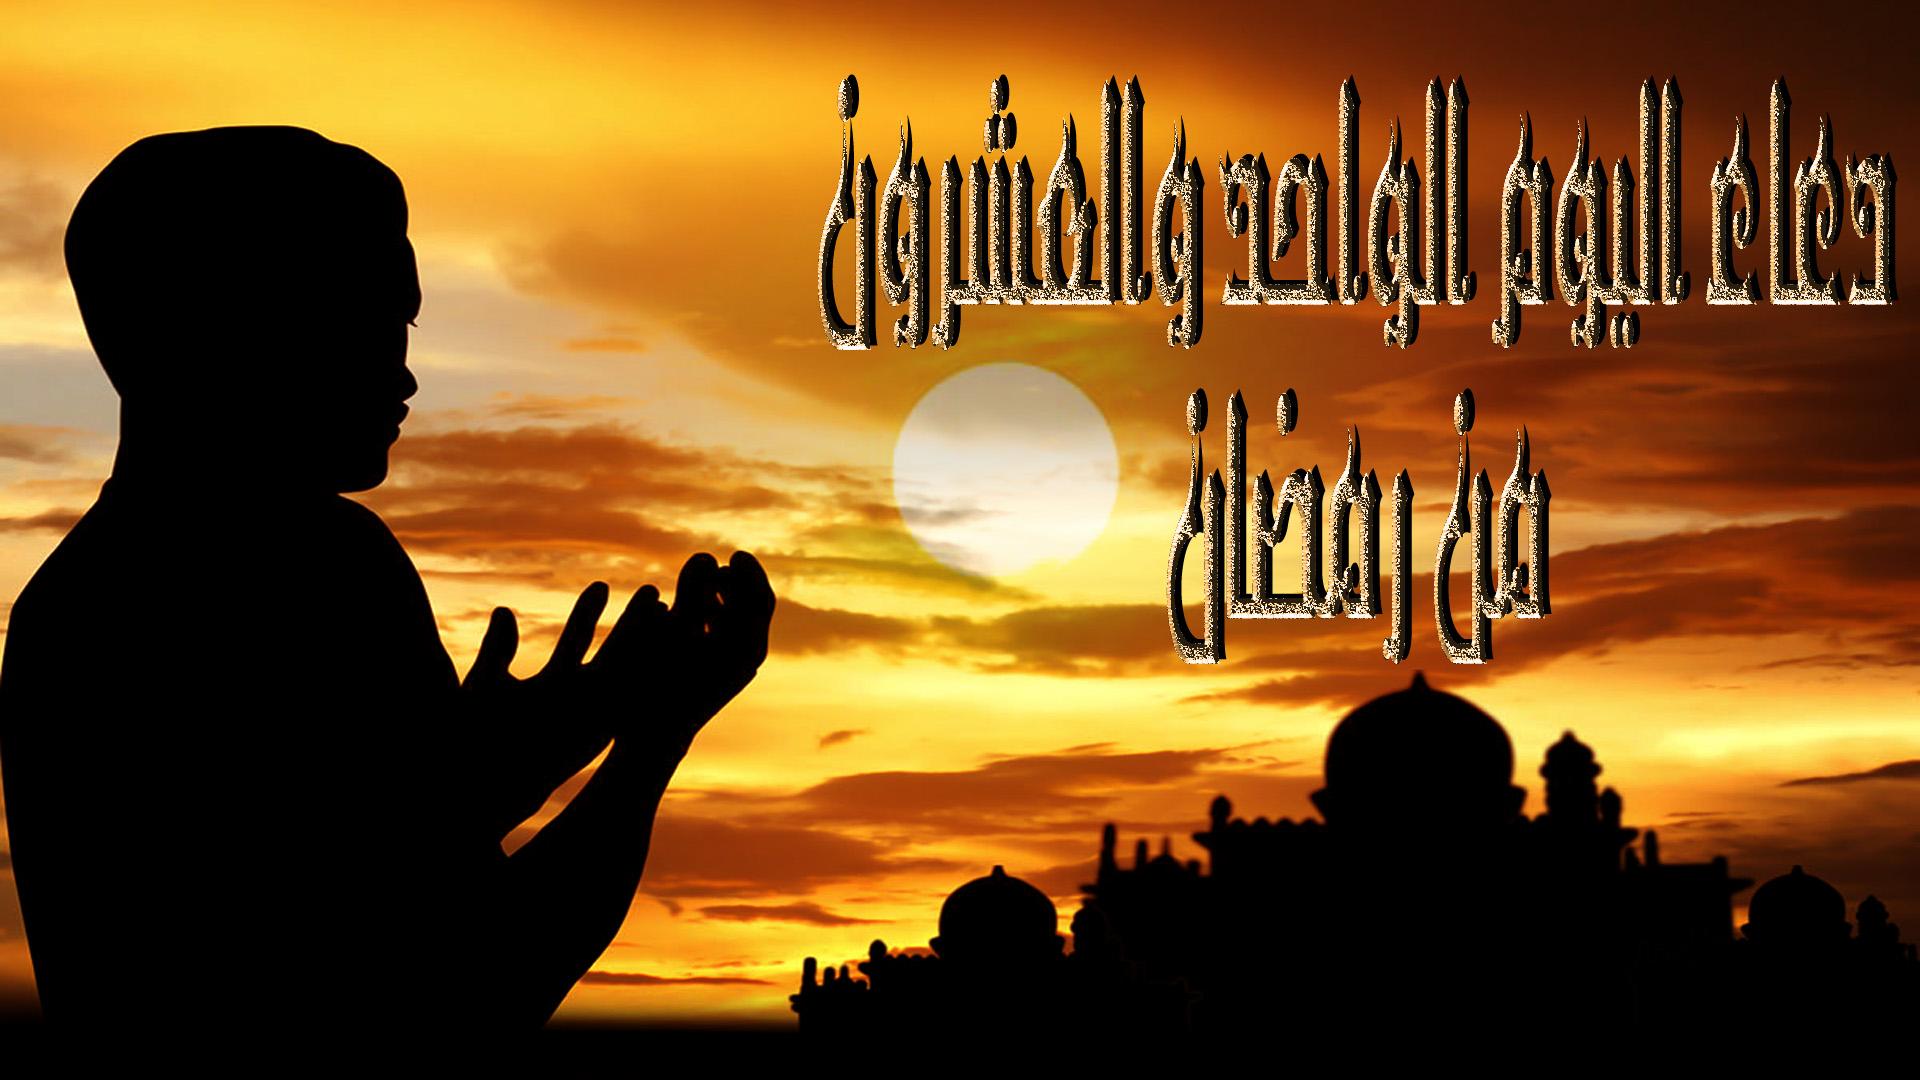 أدعية أيام شهر رمضان ( دعاء اليوم الواحد العشرون )